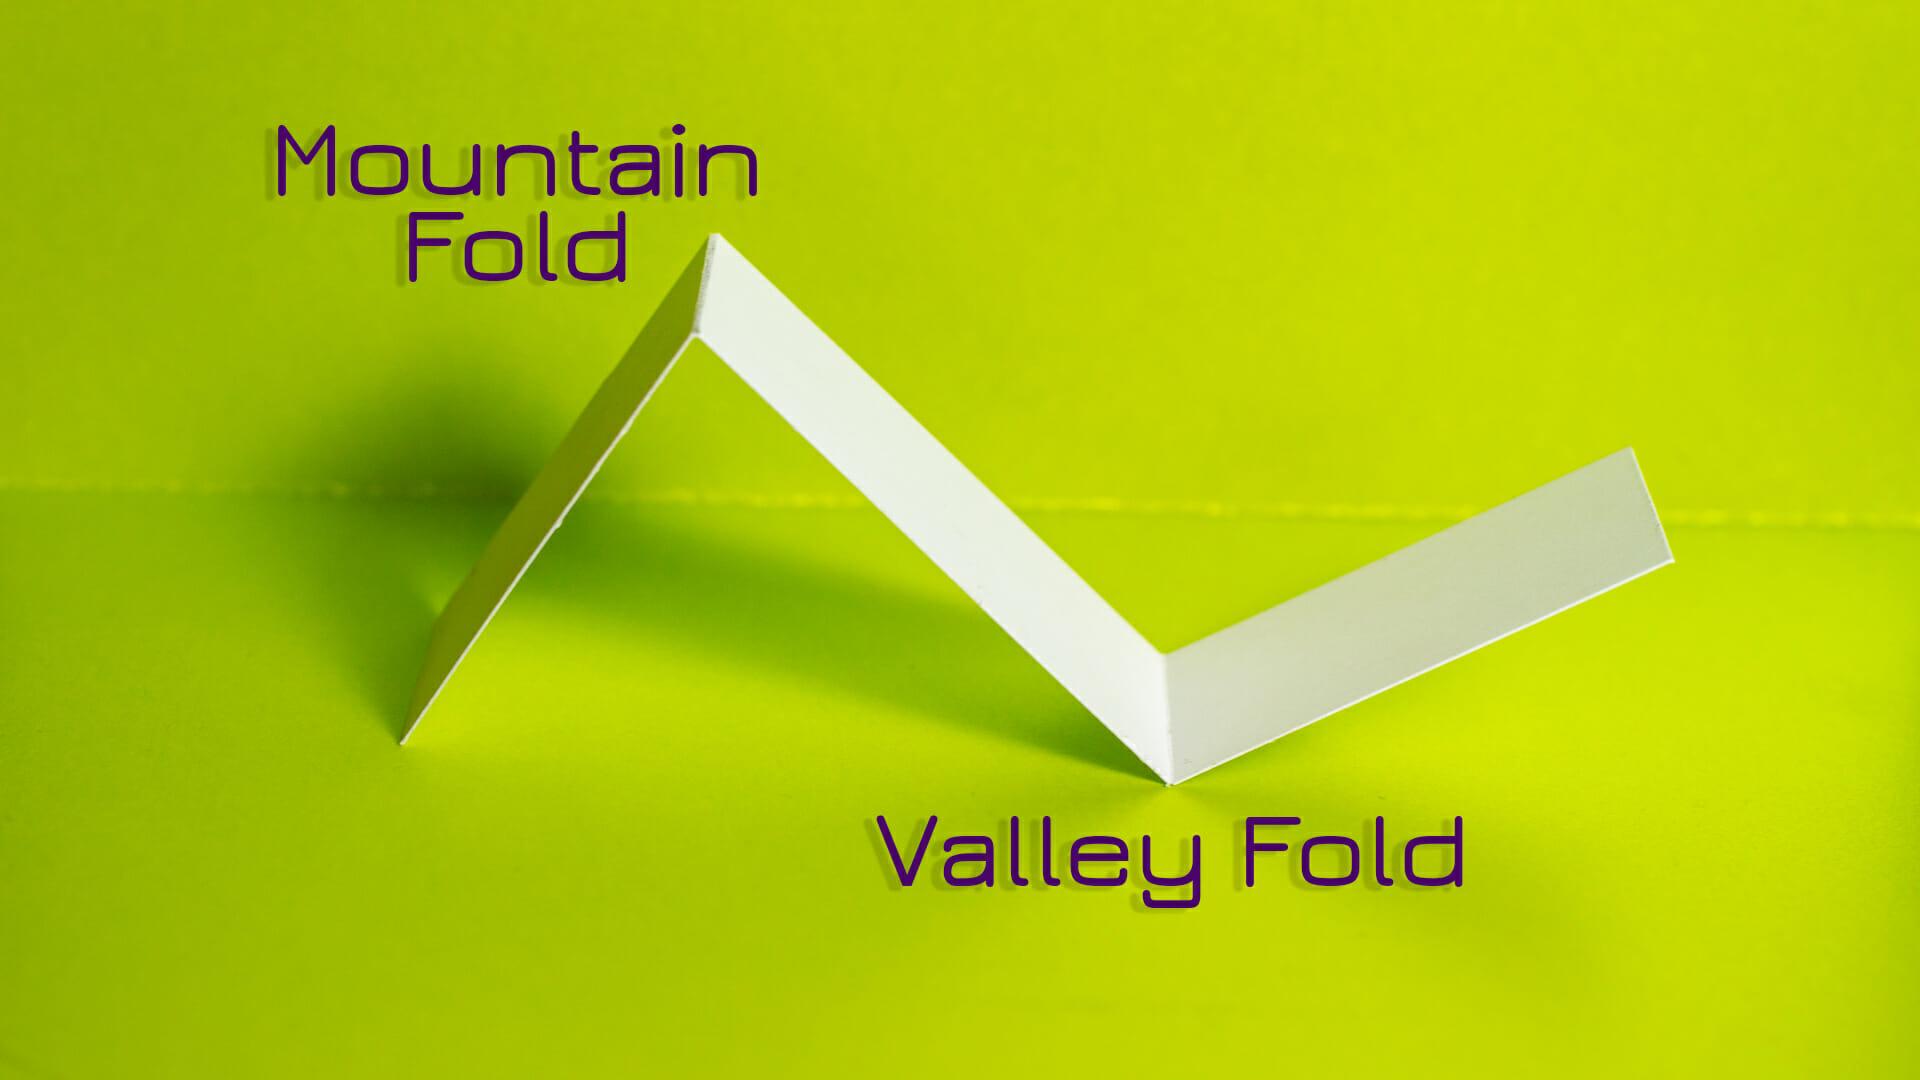 mountain folds vs. valley folds